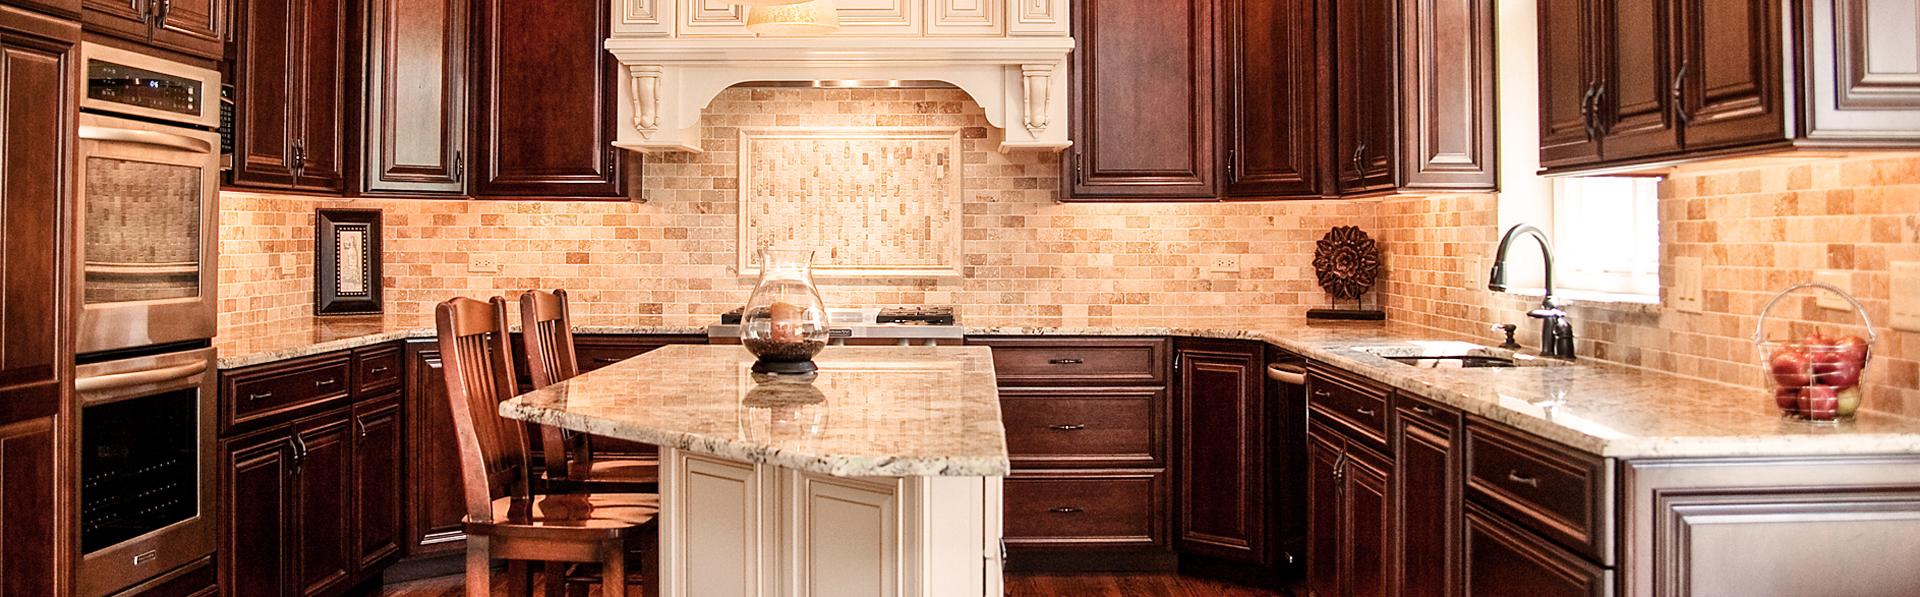 Aurora kitchen cabinets bar cabinet Kitchen design and remodeling aurora